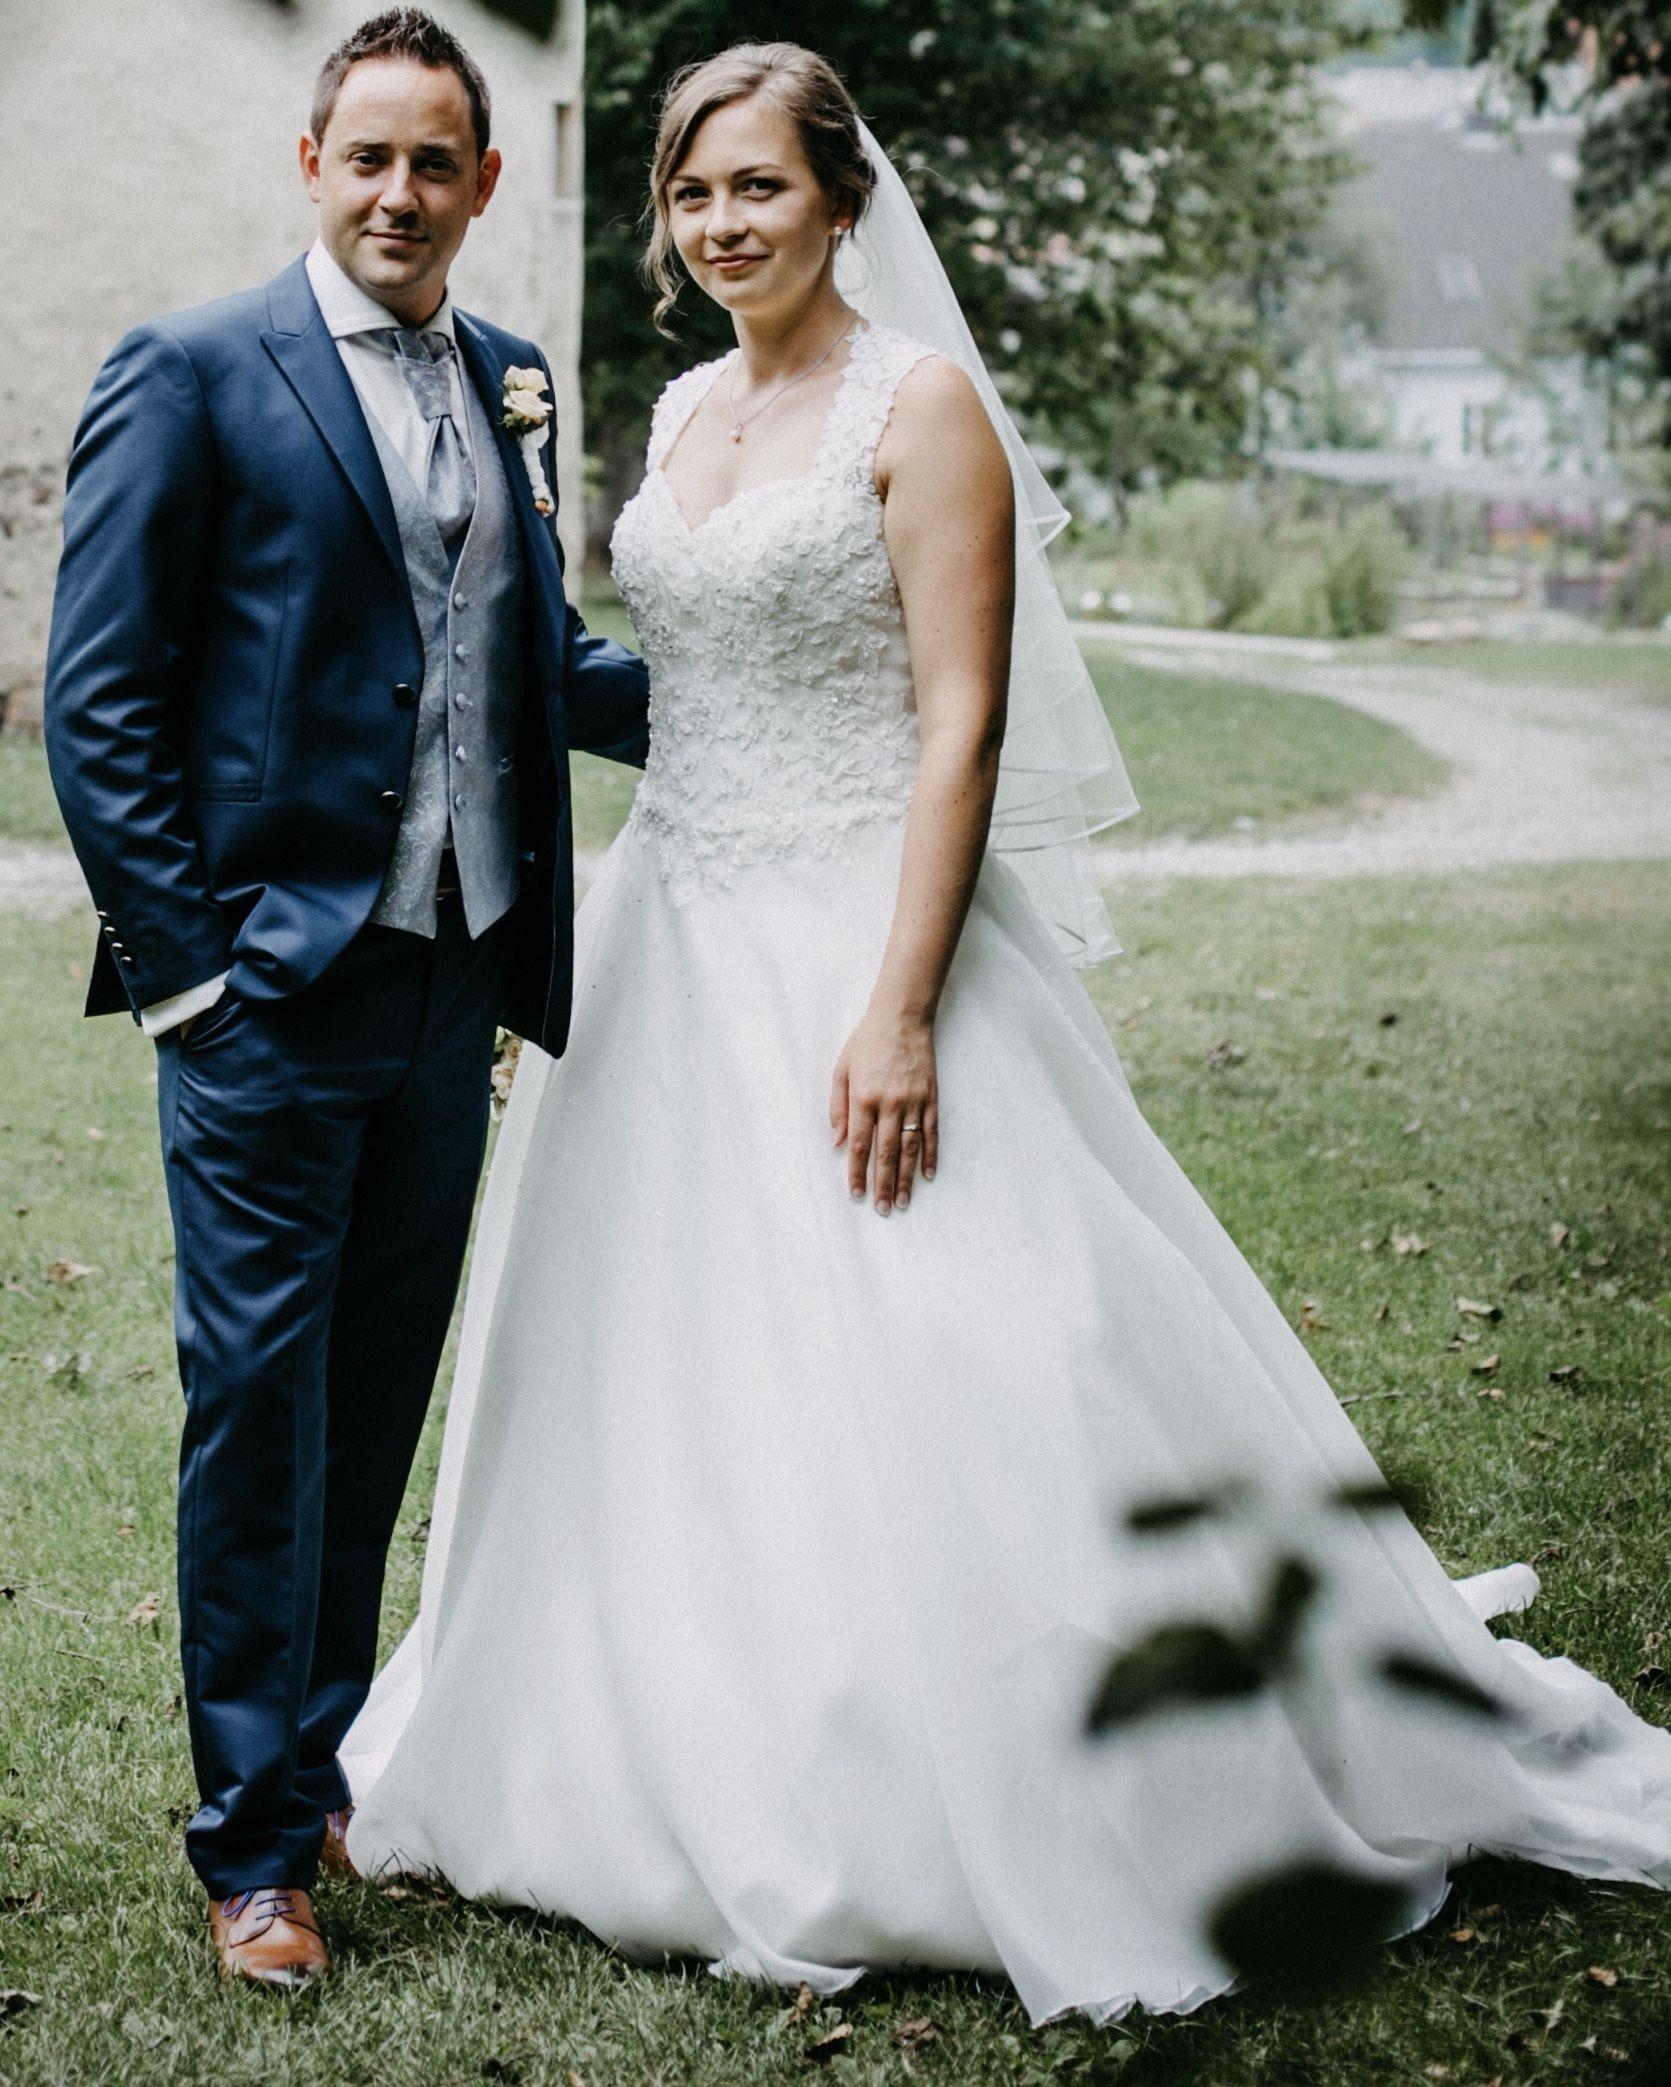 Katharina Braunsteiner & Daniel Gutmann